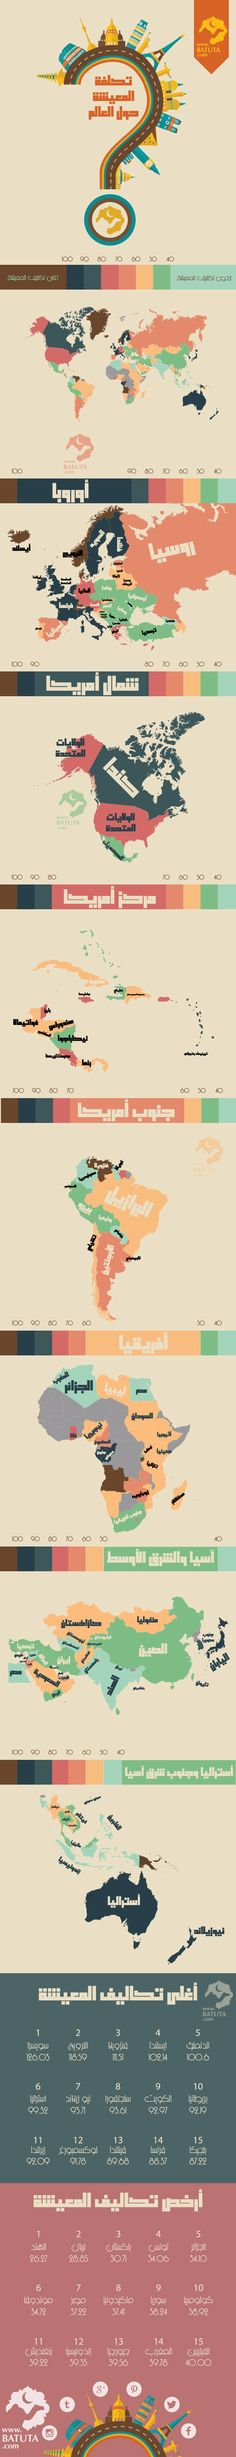 معلومات، أخبار وأفكار: تكلفة المعيشة في دول العالم  لا شك أن موضوع تكاليف...